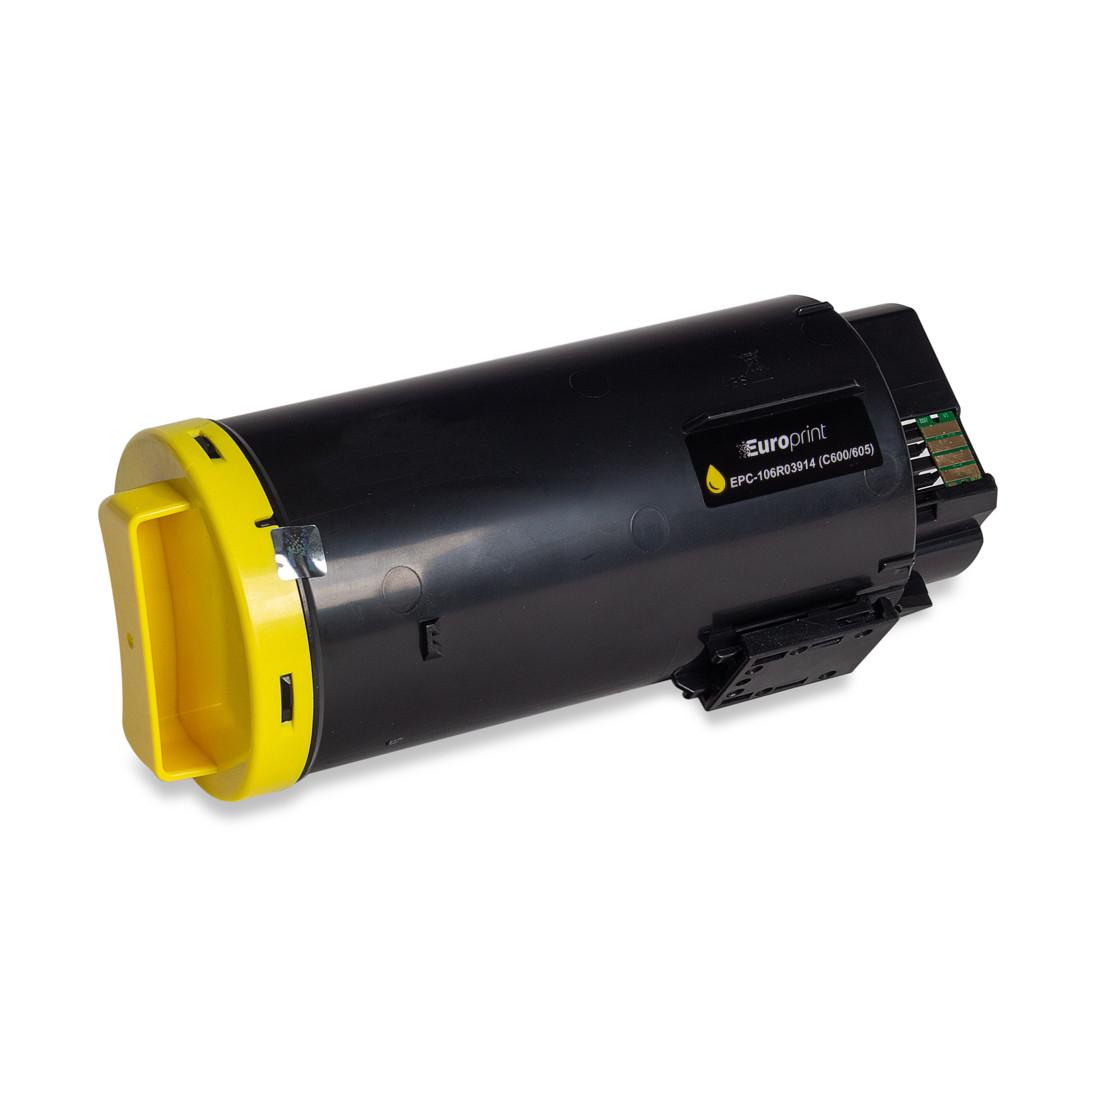 Картридж Europrint EPC-106R03914 Жёлтый (C600/605)